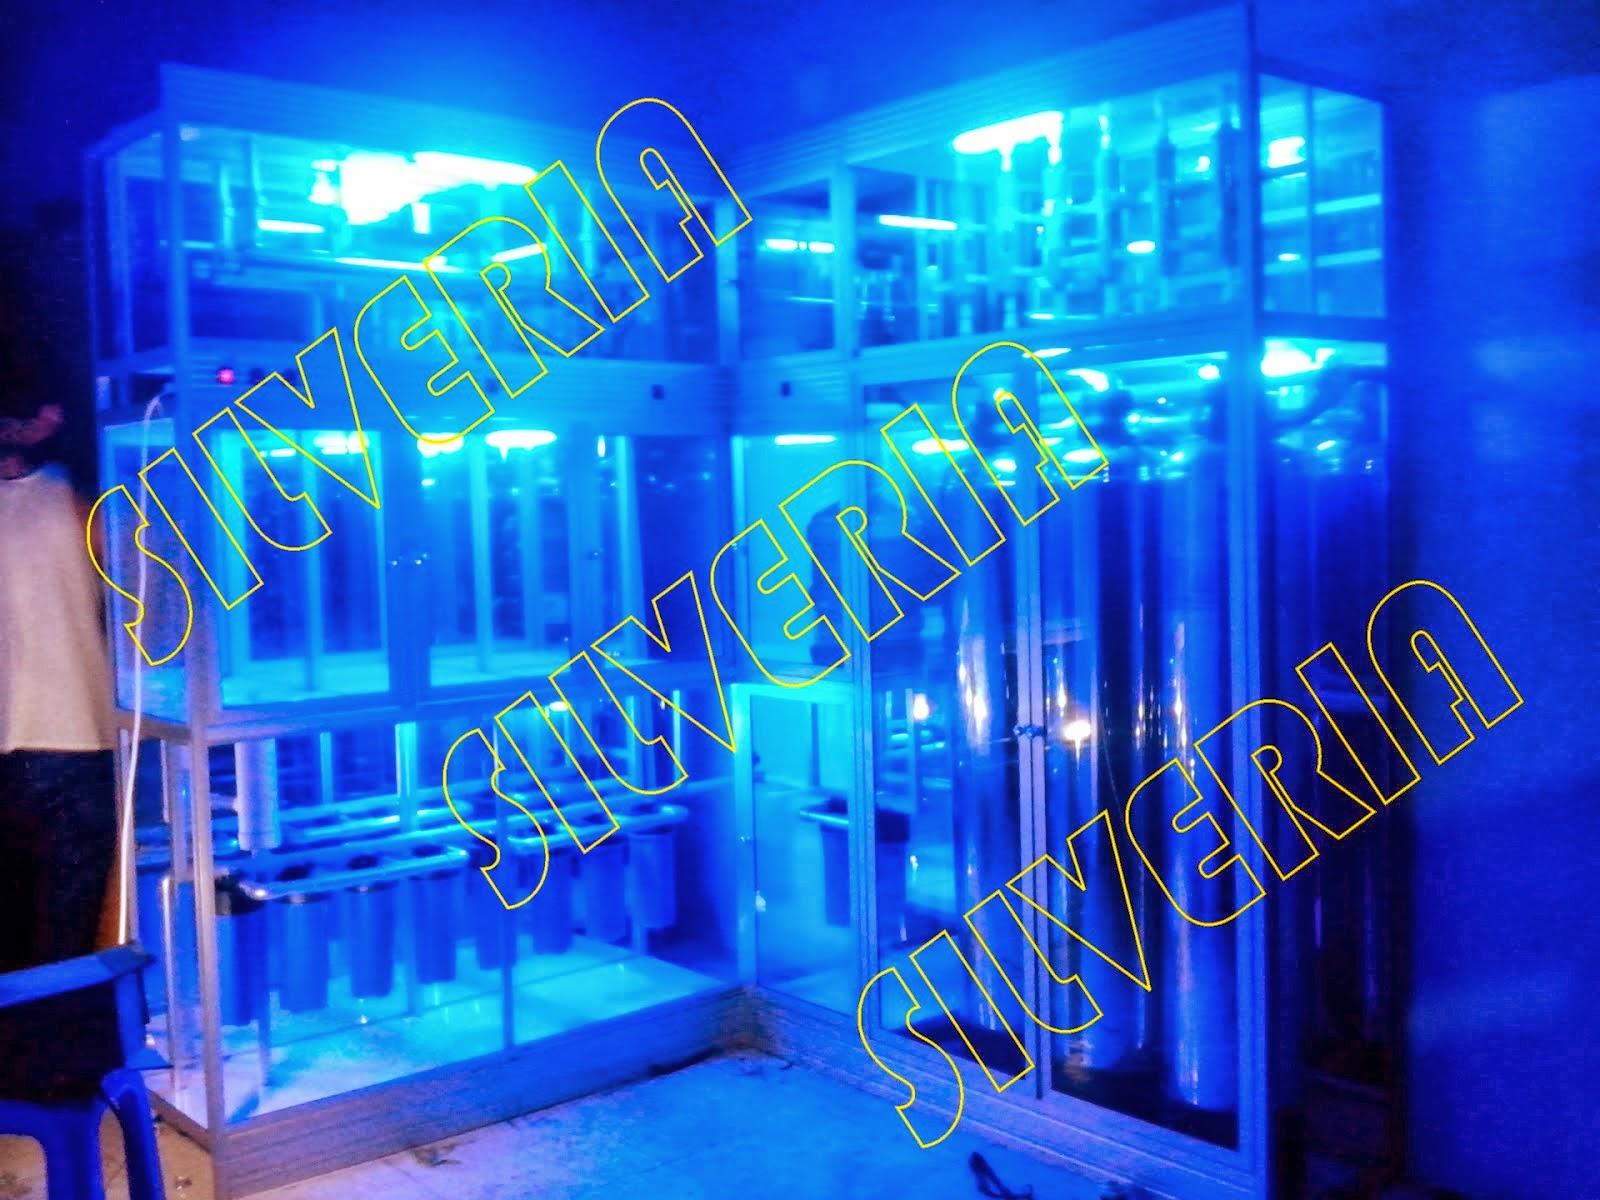 ingin merakit depot air minum isi ulang sendiri? keterangan lebih jelas klik gambar...